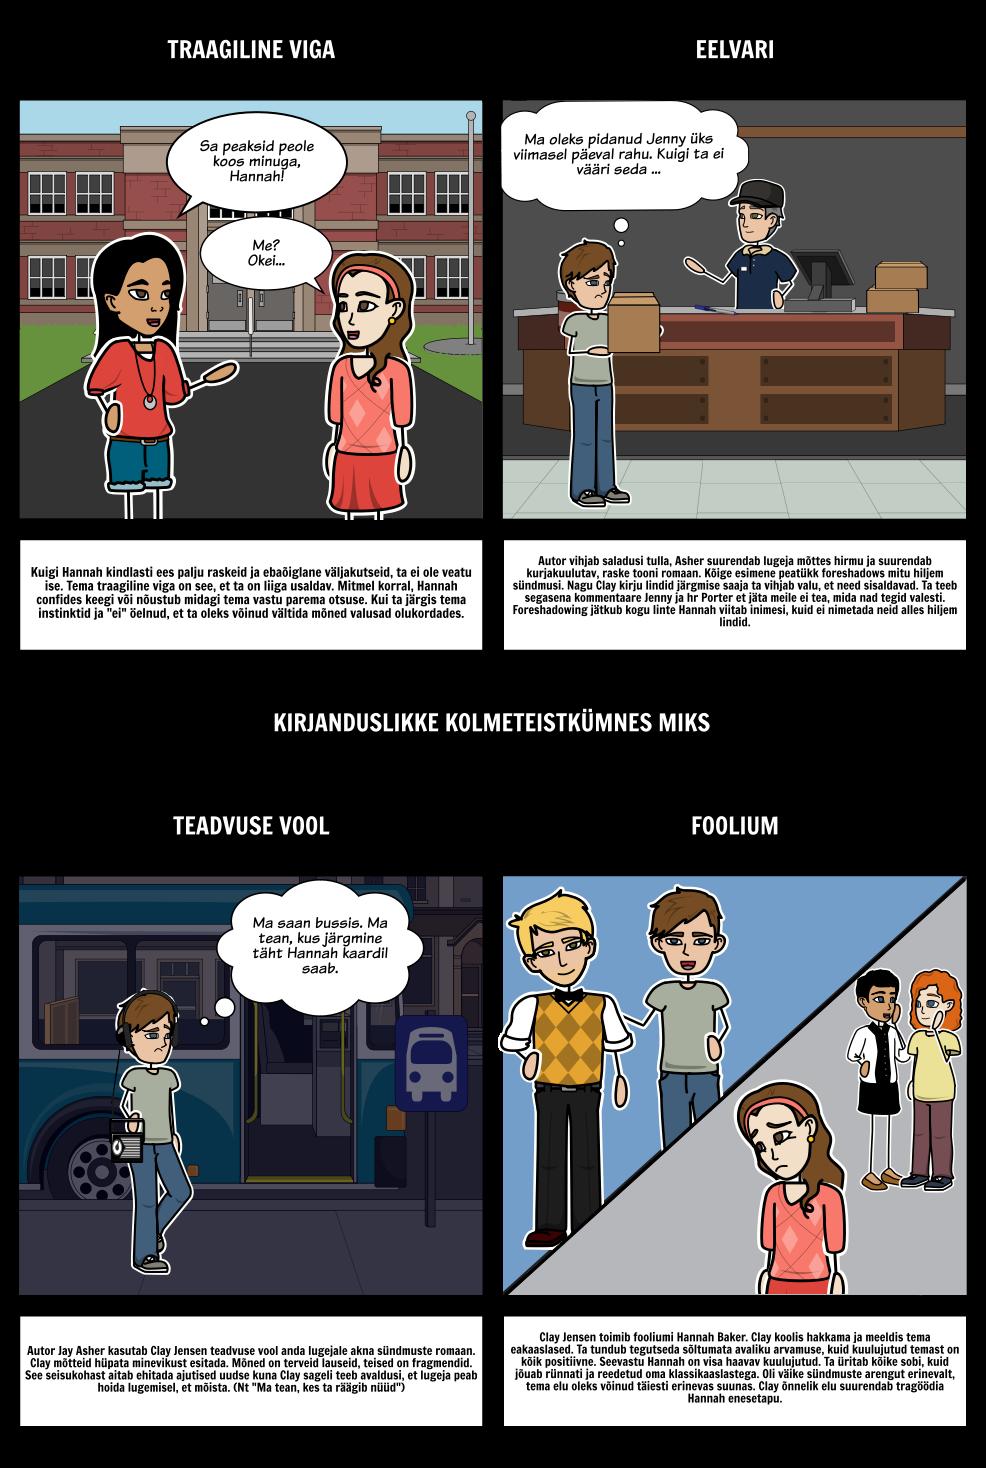 Kolmteist Põhjust, Miks Kirjanduslikke